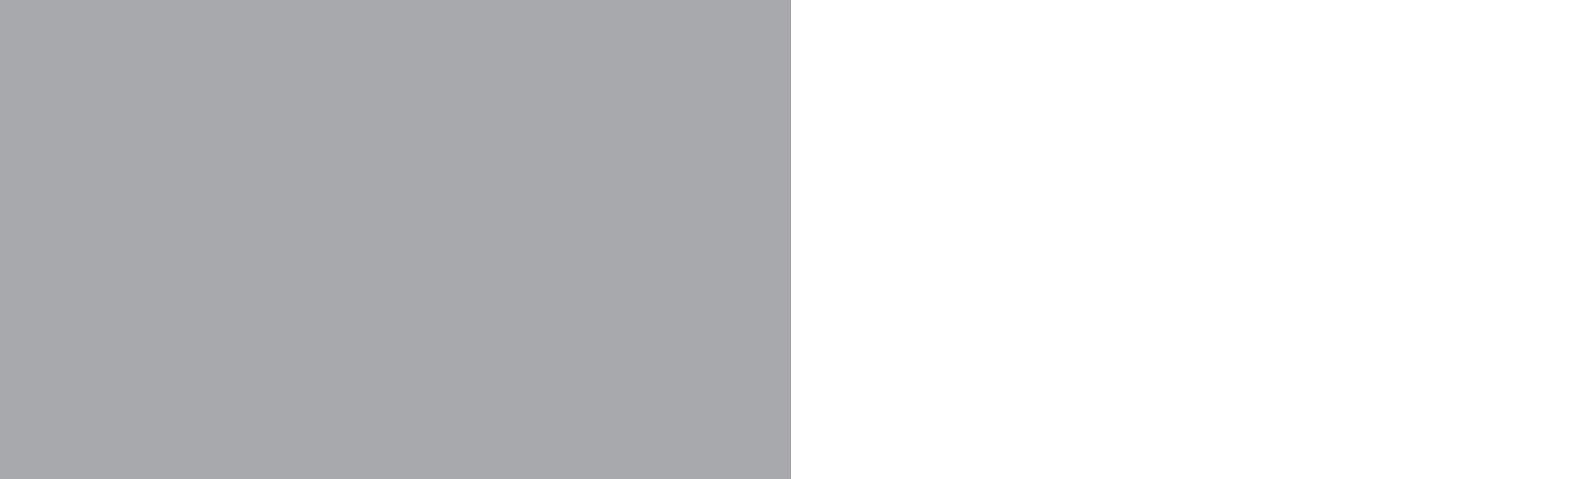 Fundo branco e cinza